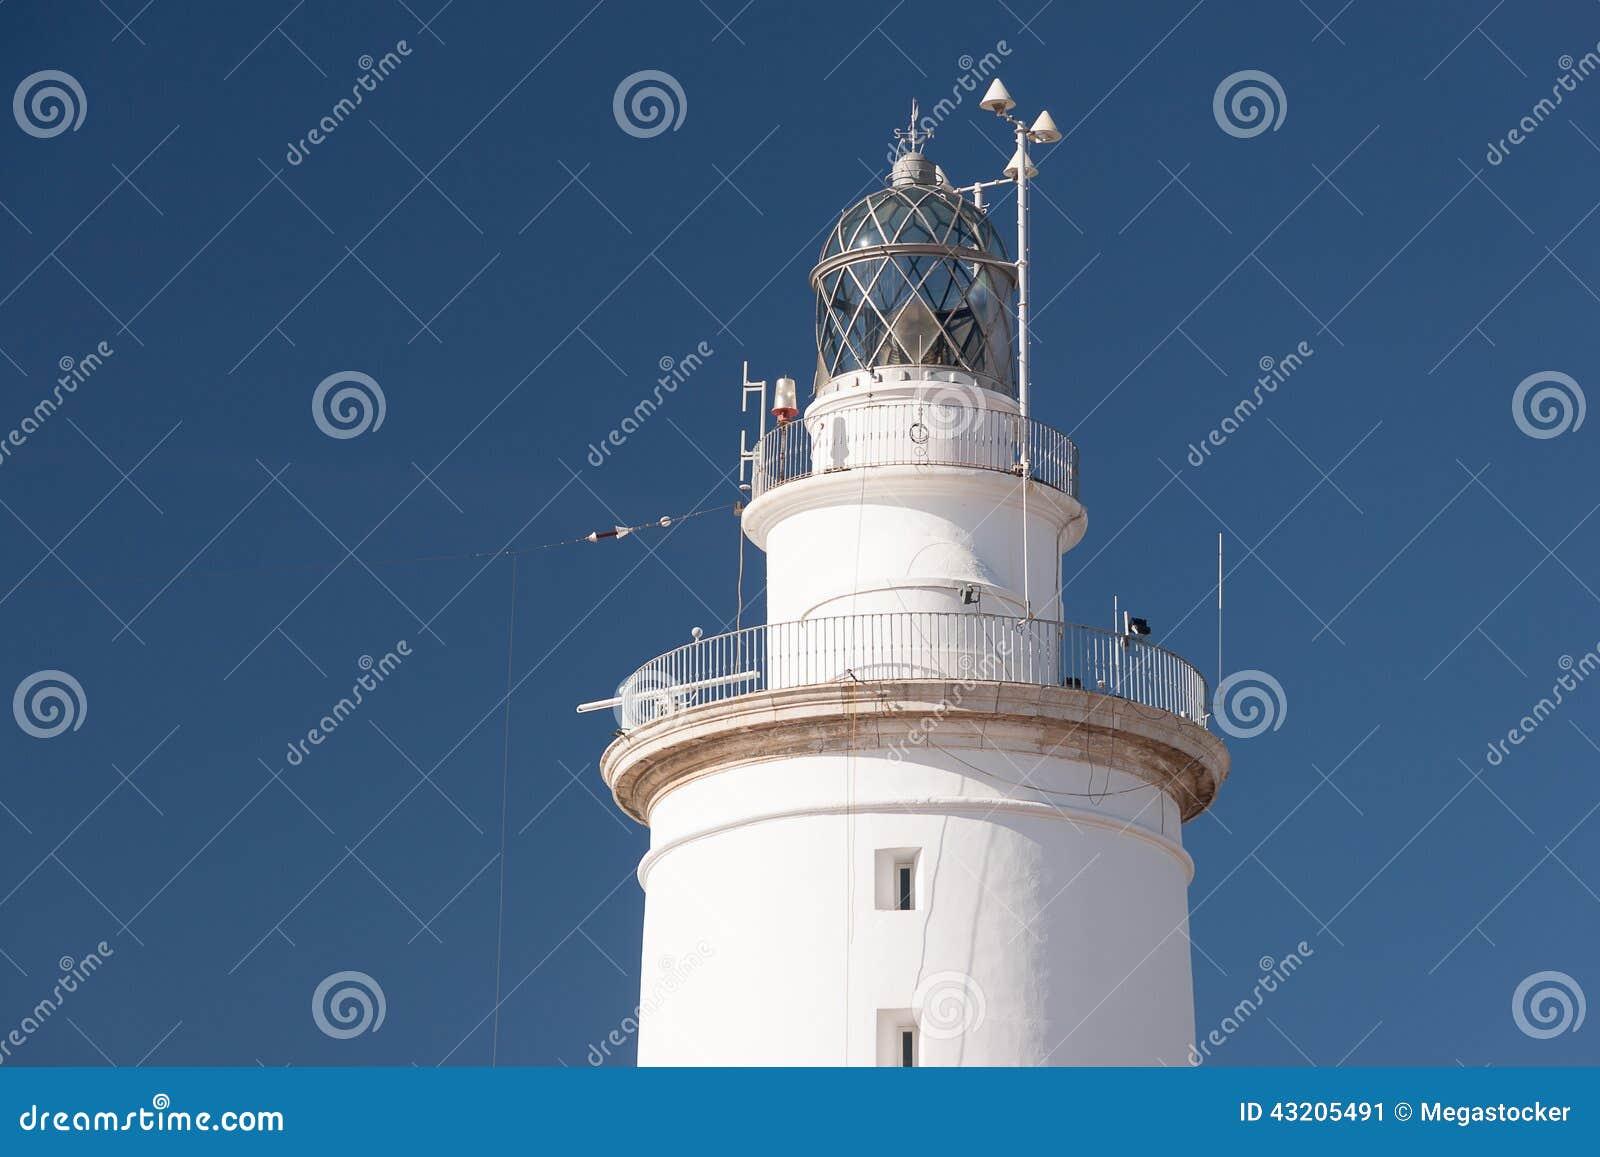 Download Vit fyr fotografering för bildbyråer. Bild av sight, kust - 43205491